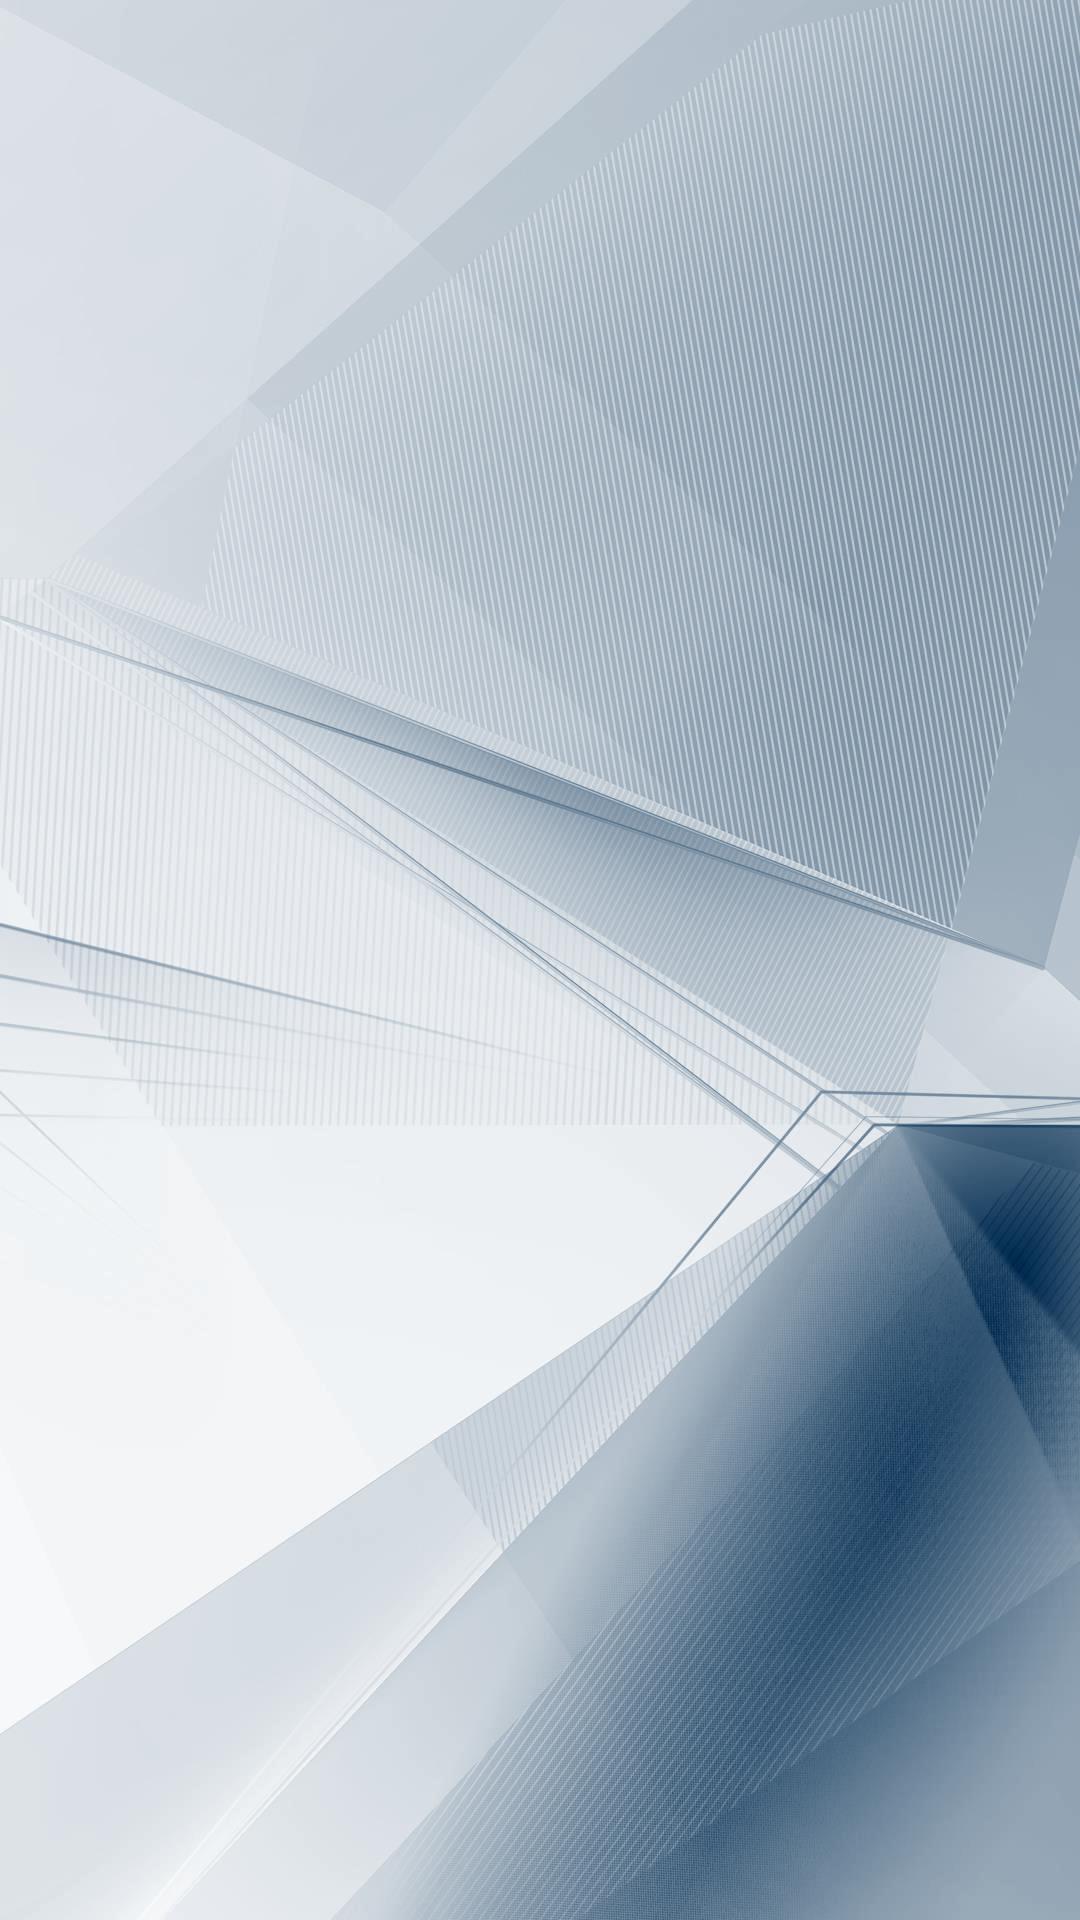 프리즘 컬러 파스텔 에디션 배경화면 (1).jpg